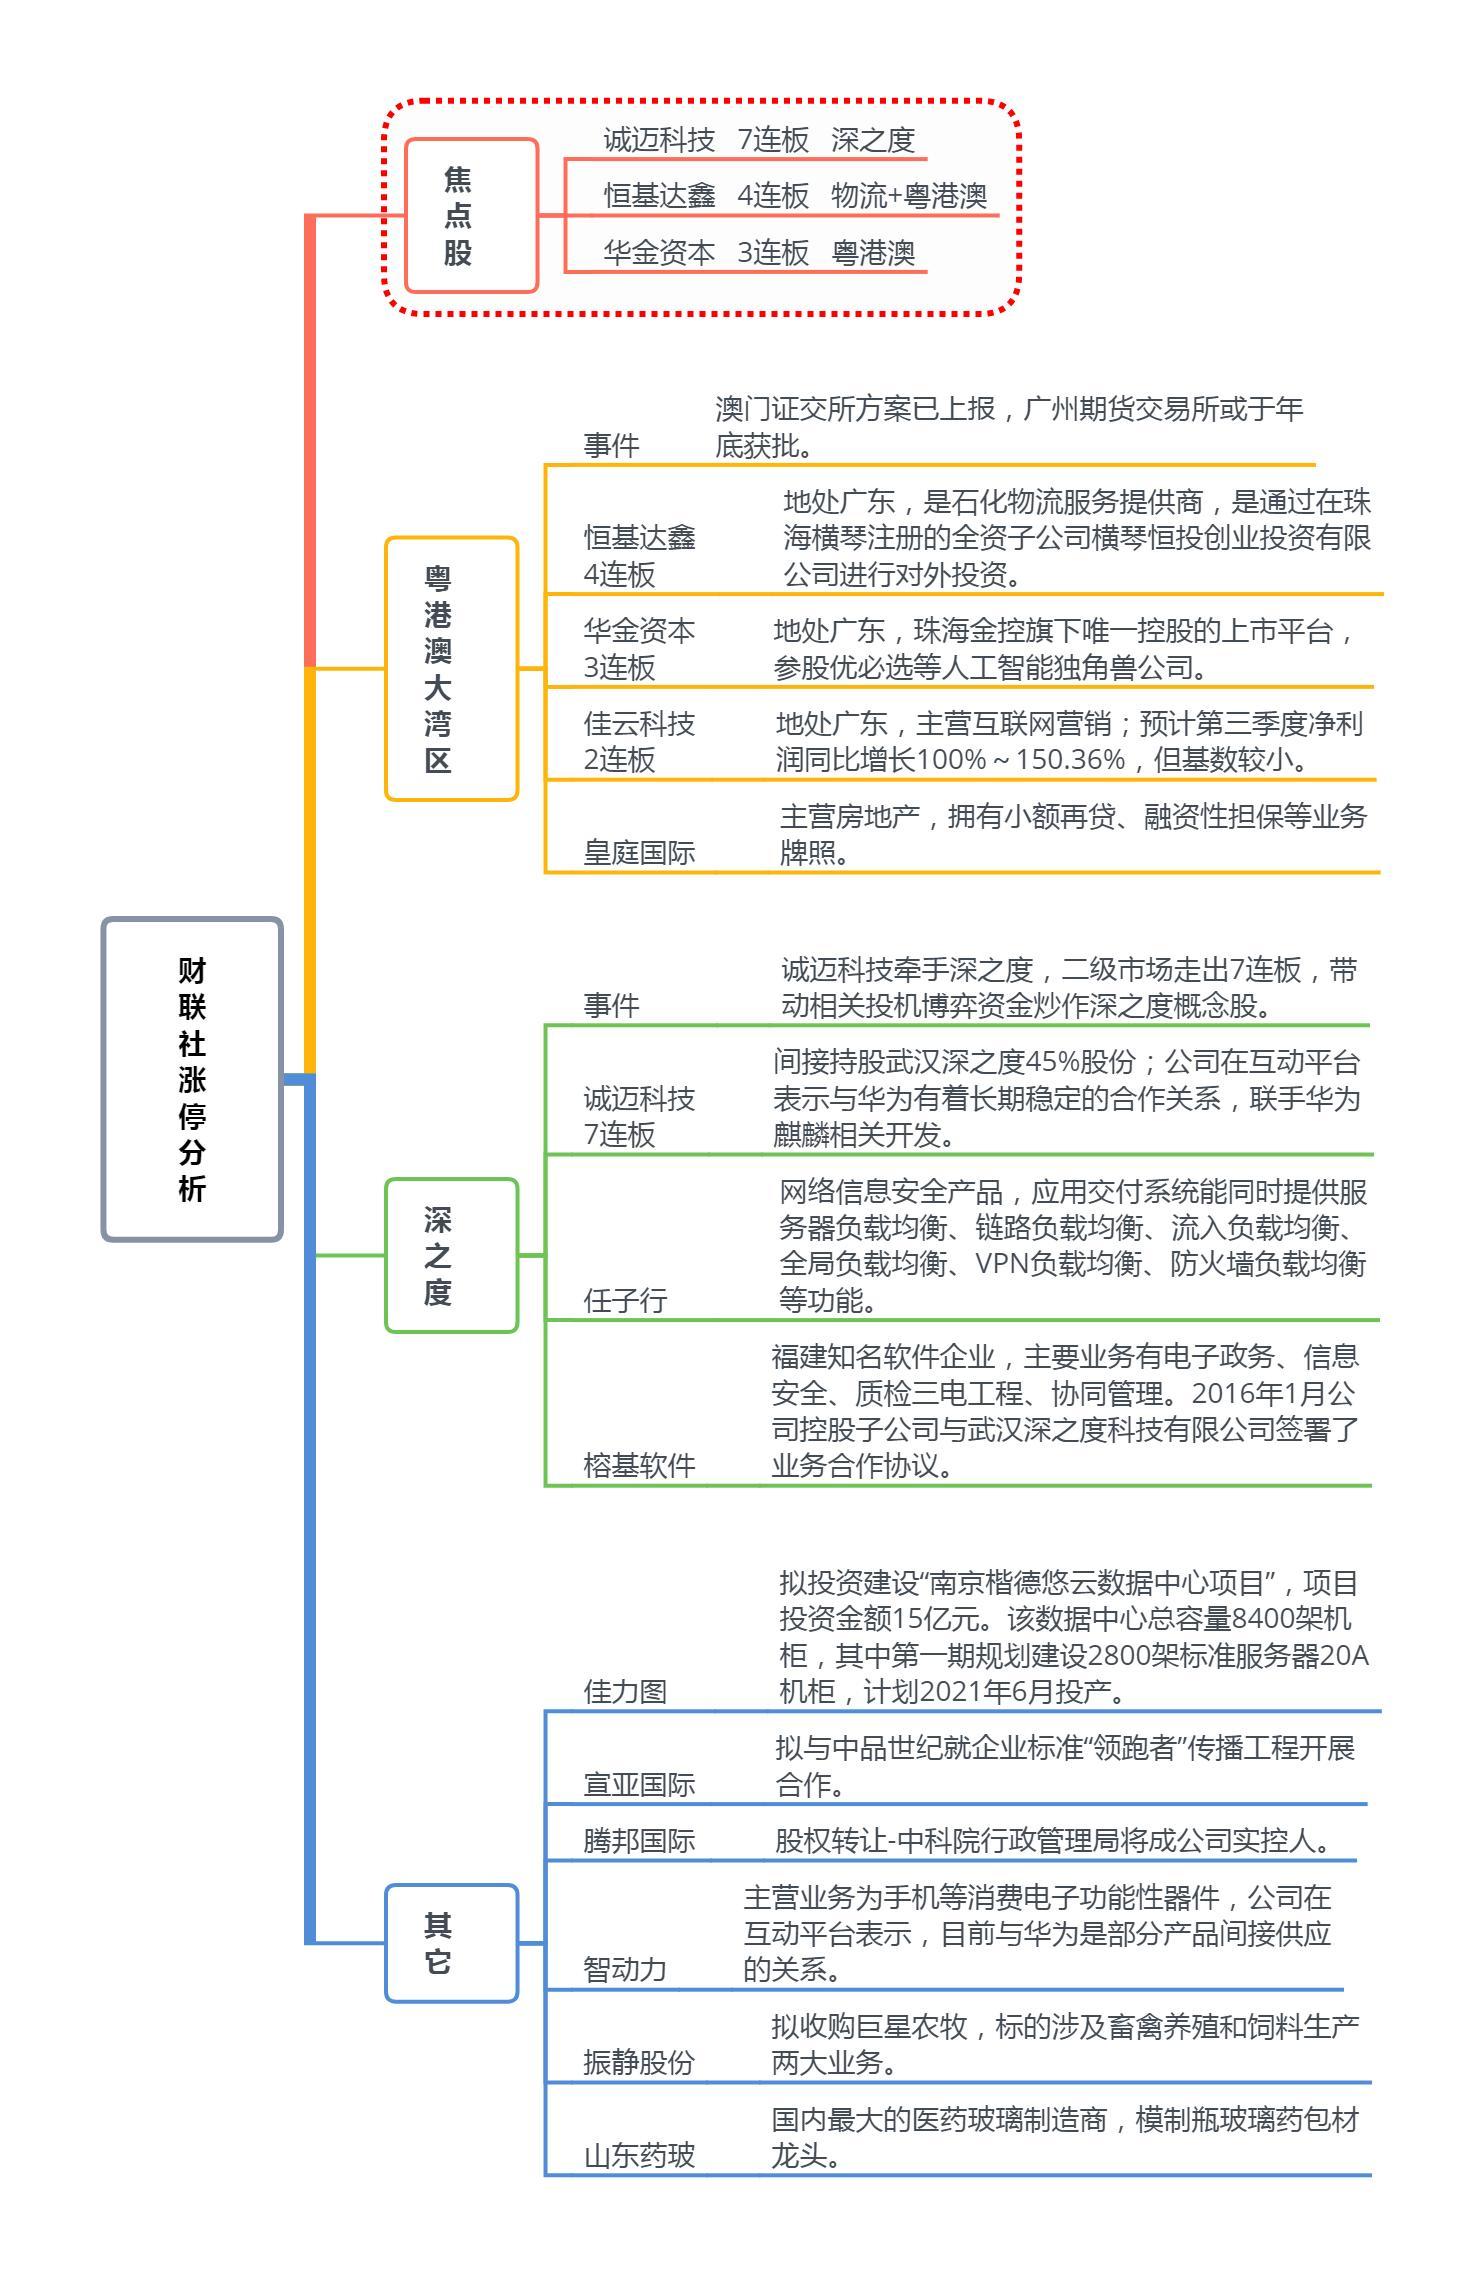 【财联社午报】沪指冲高回落 题材几近熄火